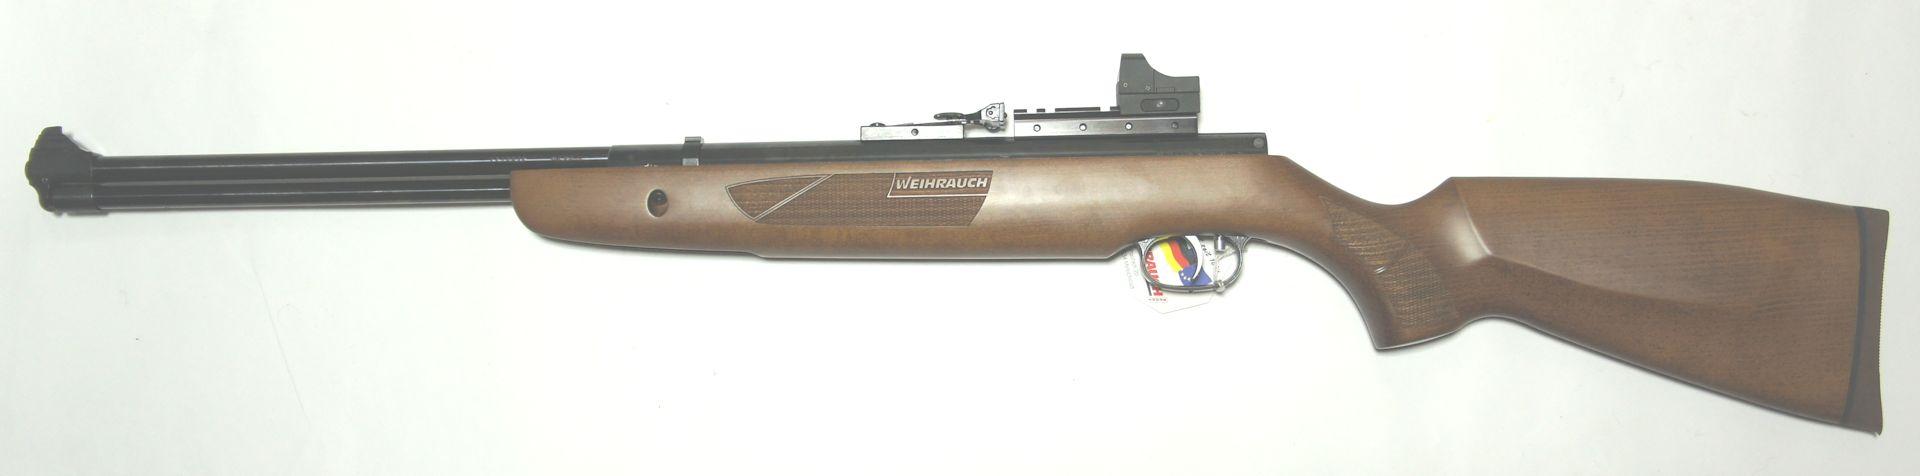 Montagebeispiel am <a href=1160407-45.htm>Luftgewehr HW 57</a>